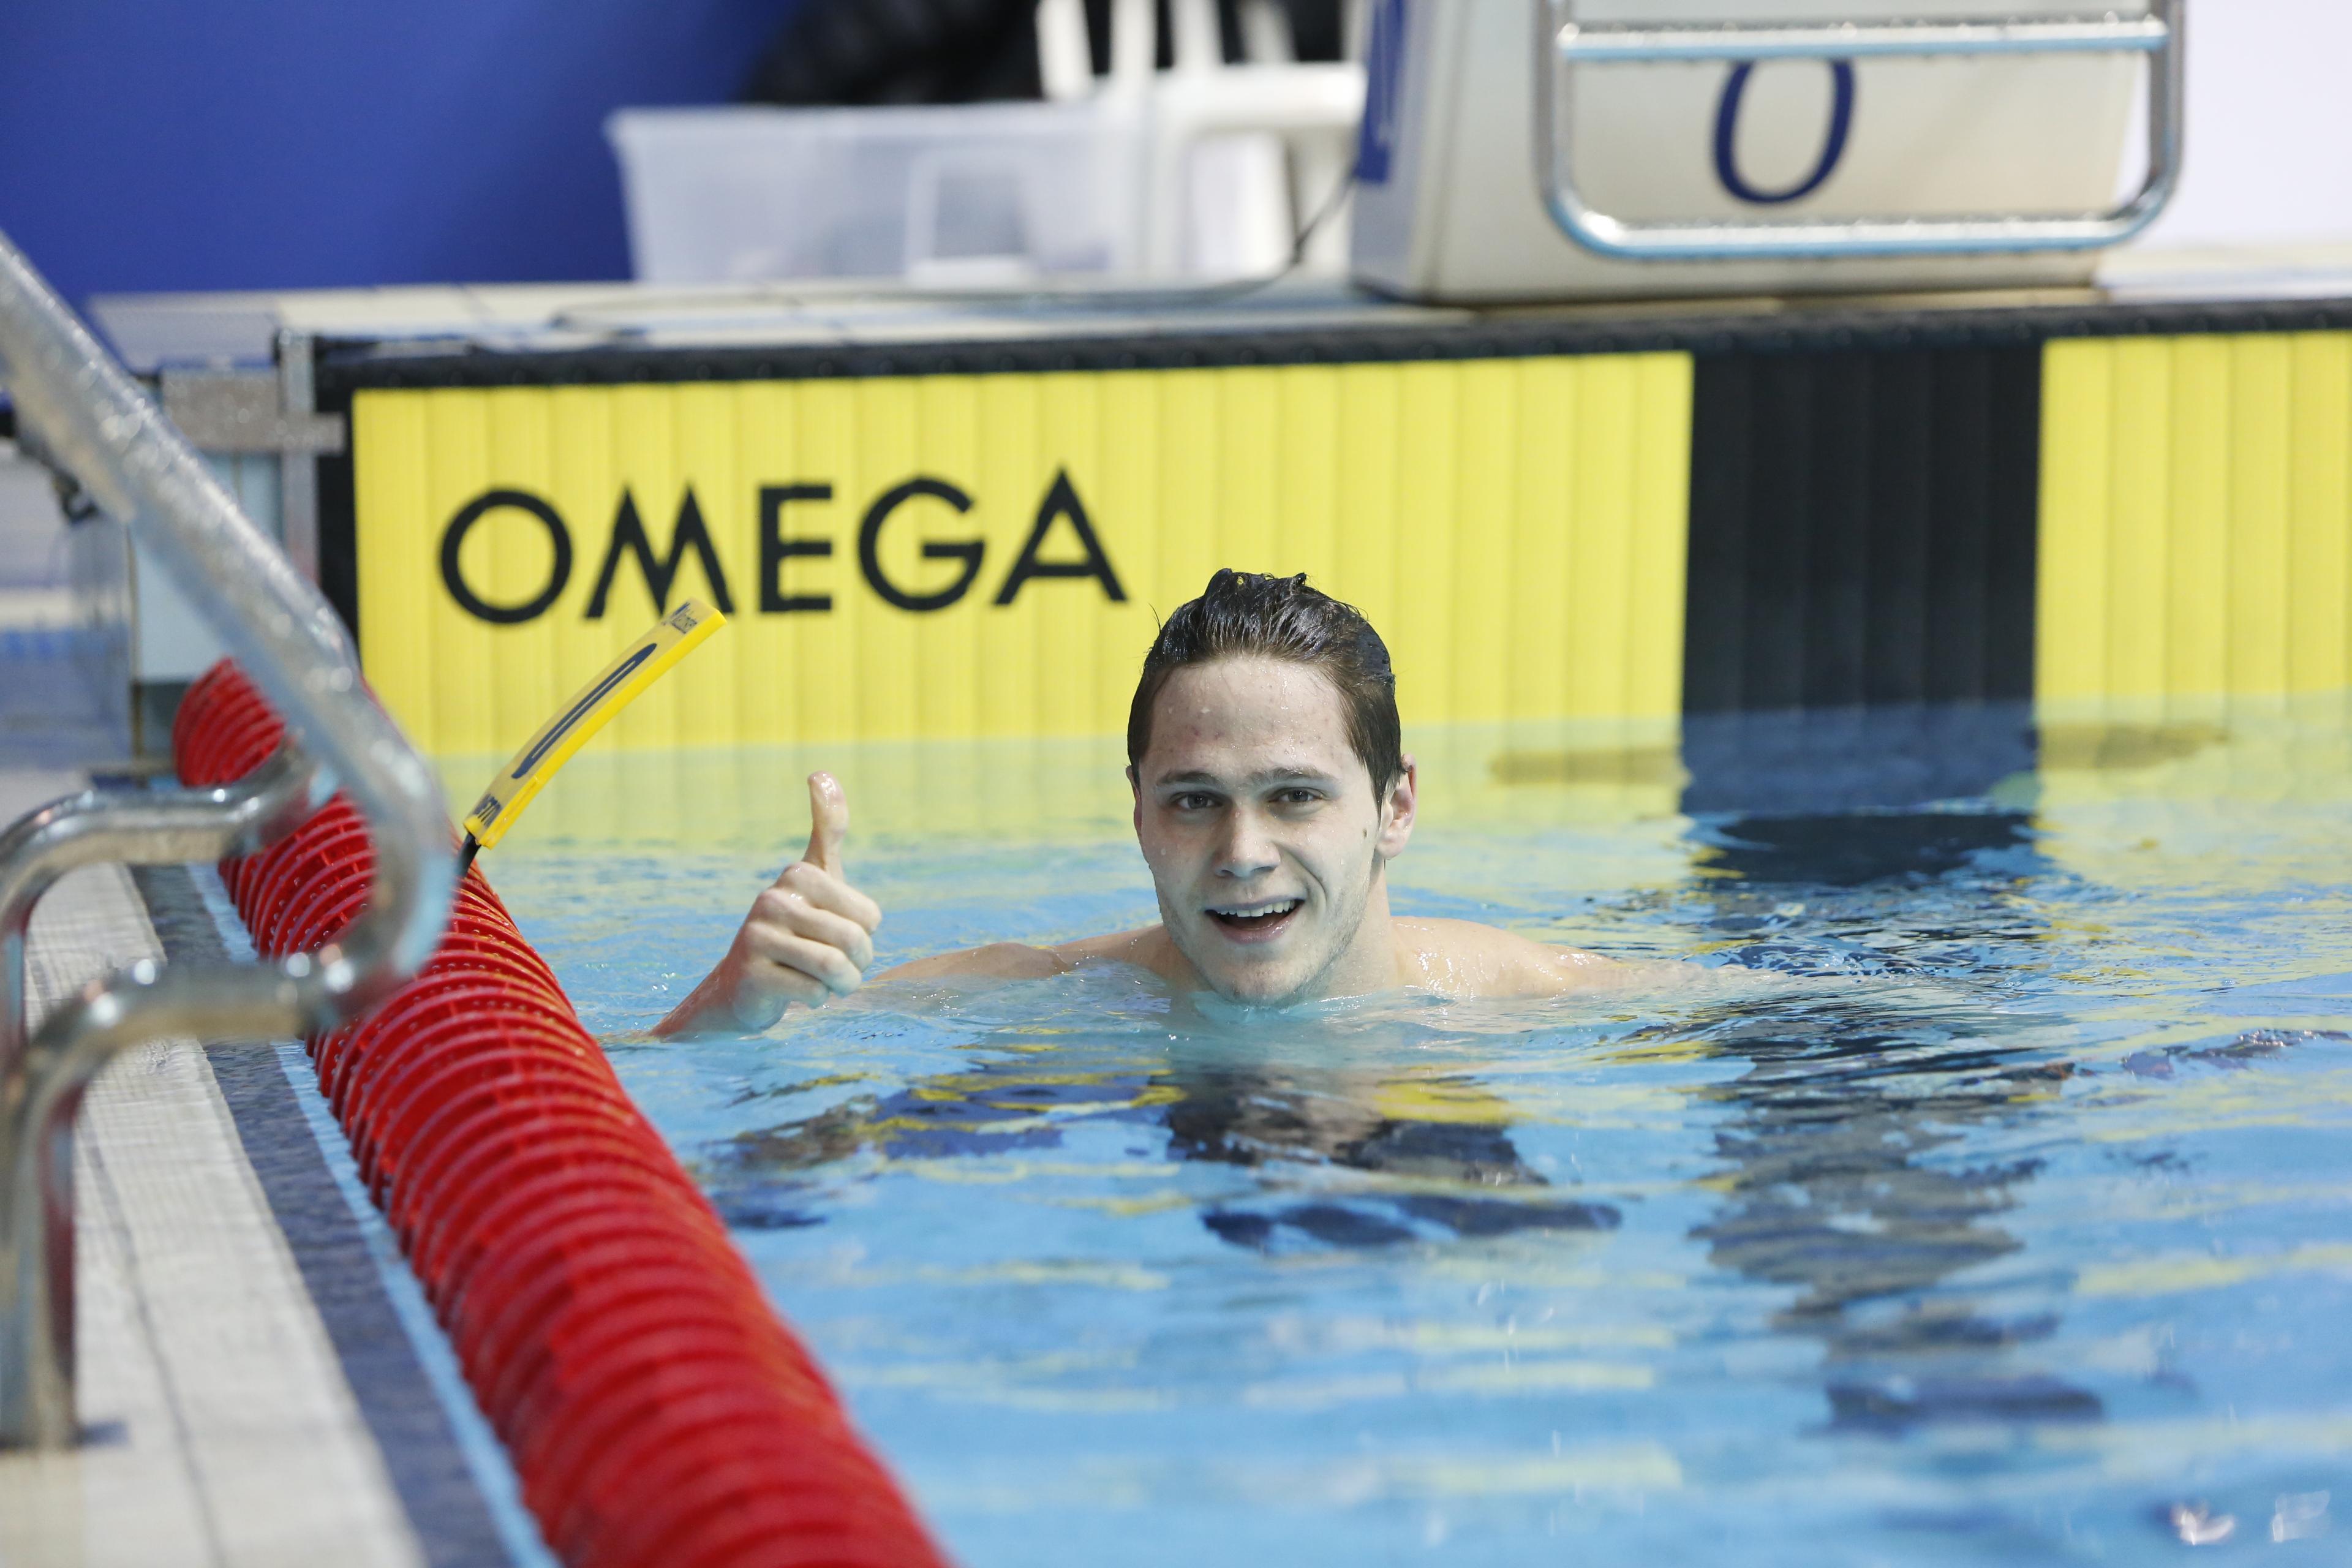 דוד גמבורג רחוק ב-2 מאיות השנייה מהקריטריון האולימפי